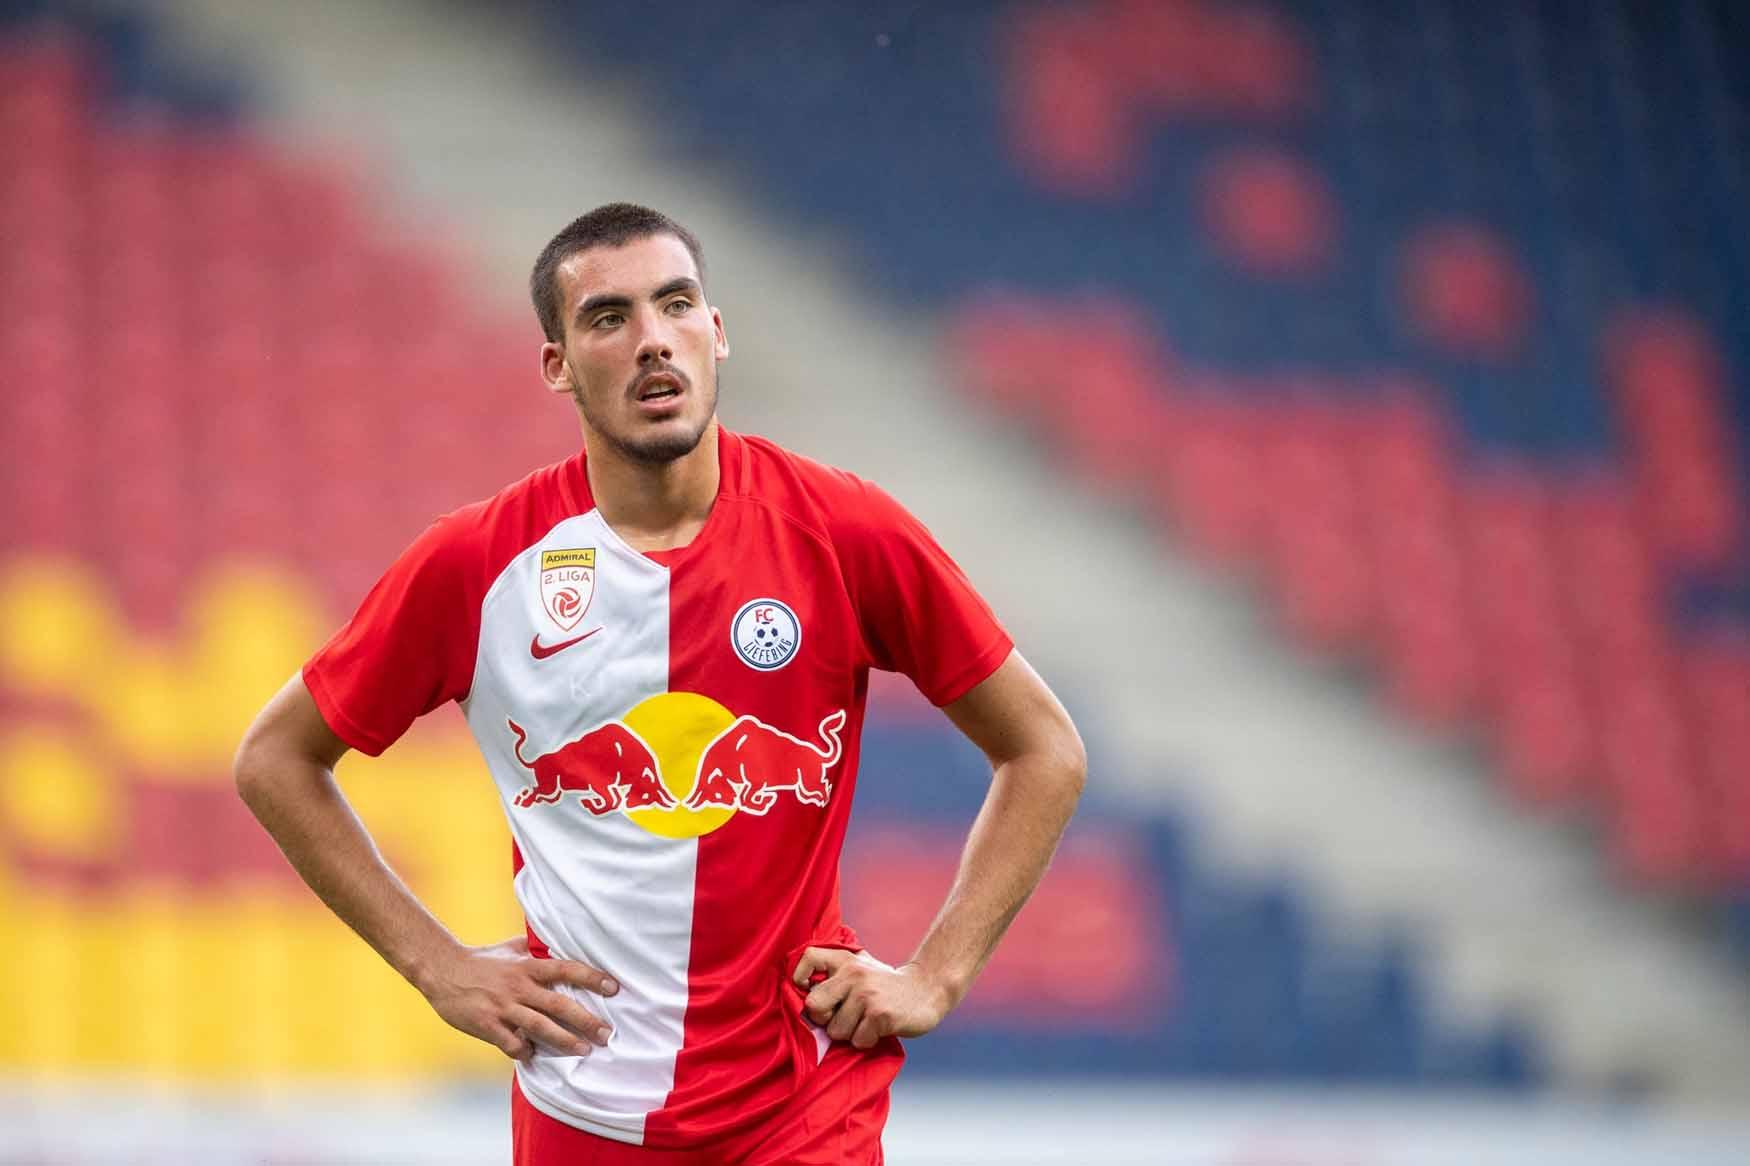 Roko Šimić playing for Red Bull Salzburg